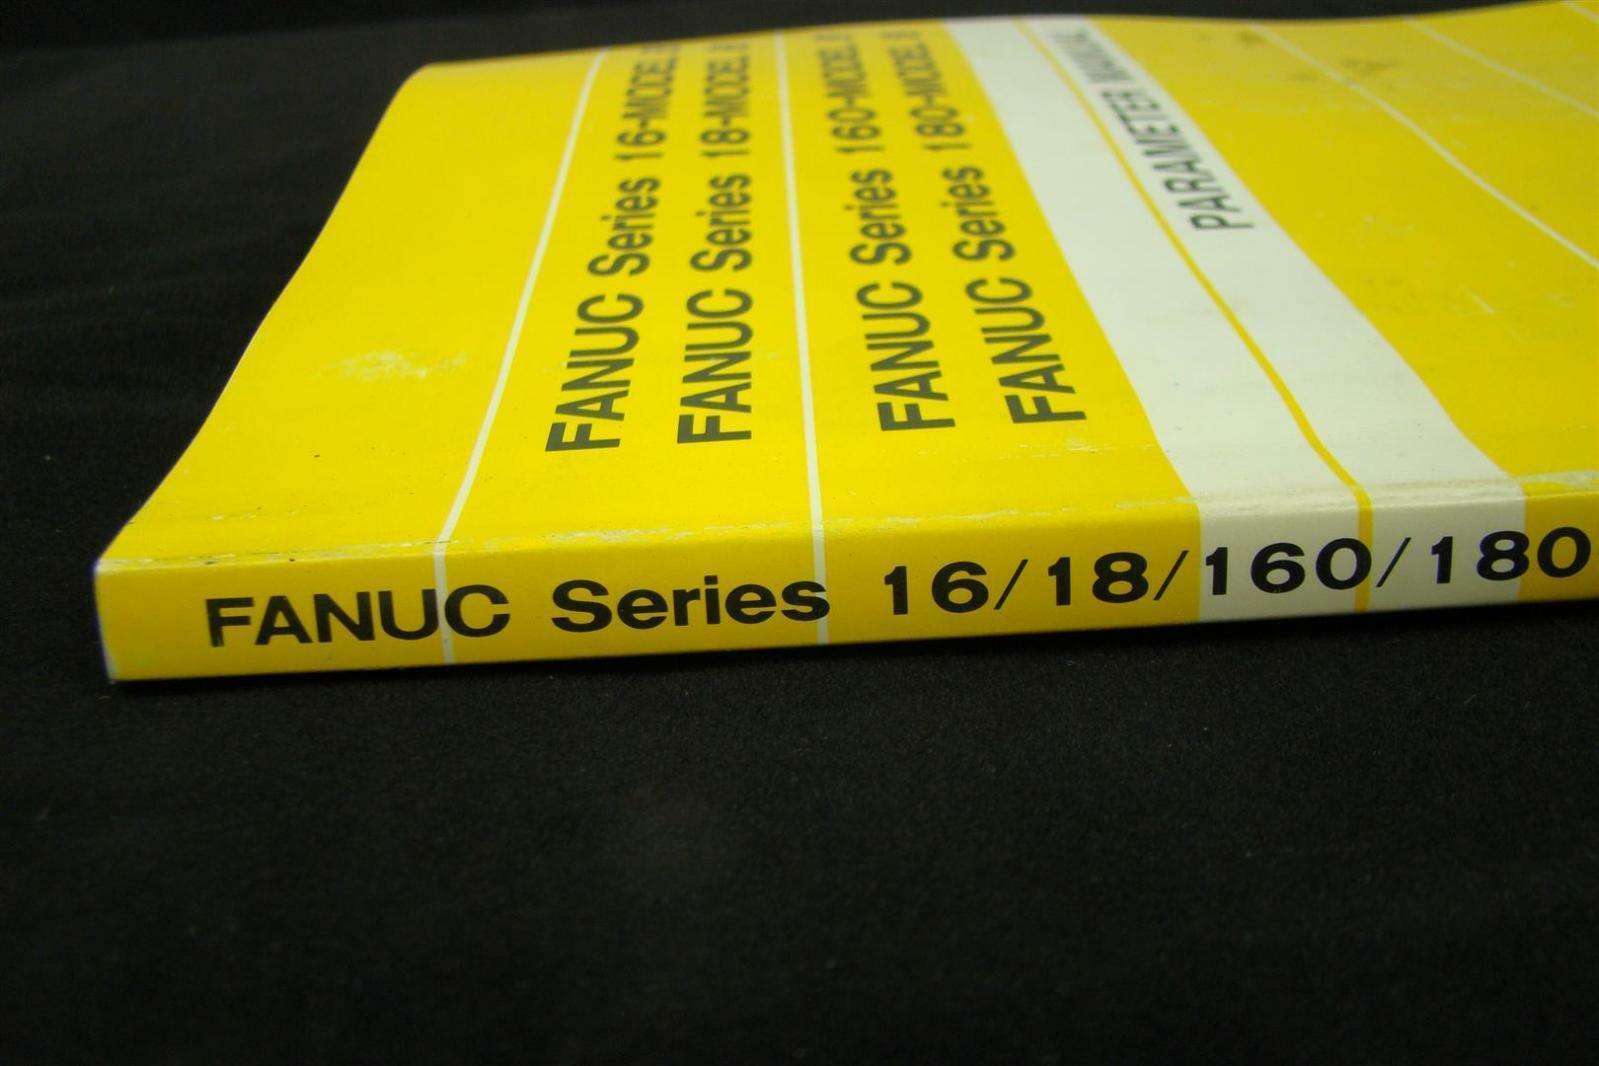 ajp 131 fanuc series parameter manual b 62450e 02 3 28 [ fanuc 6tb parameters manual ] fanuc series 16 18 160 180  at webbmarketing.co